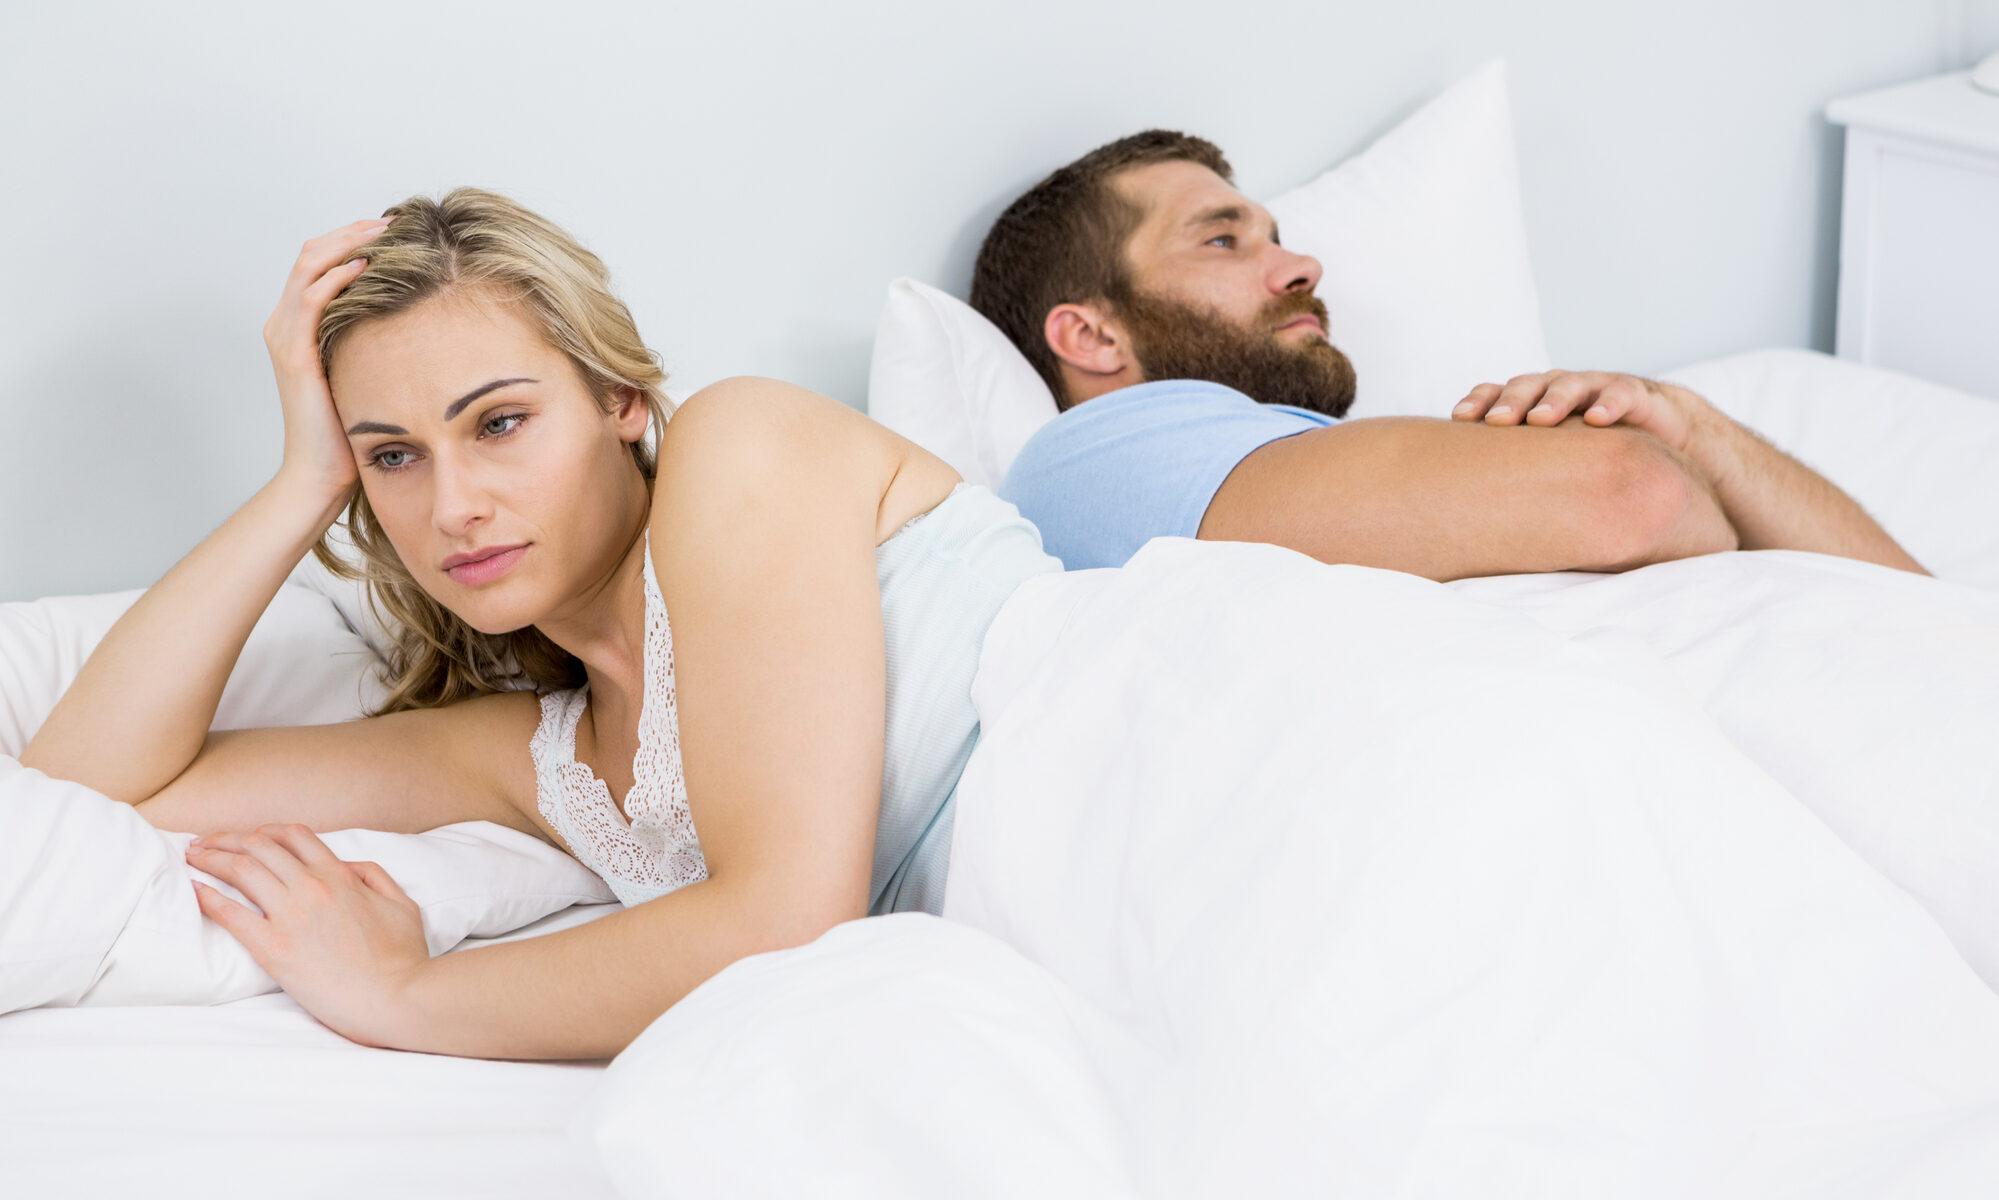 Mann und Frau im Bett ohne Lust auf Sex